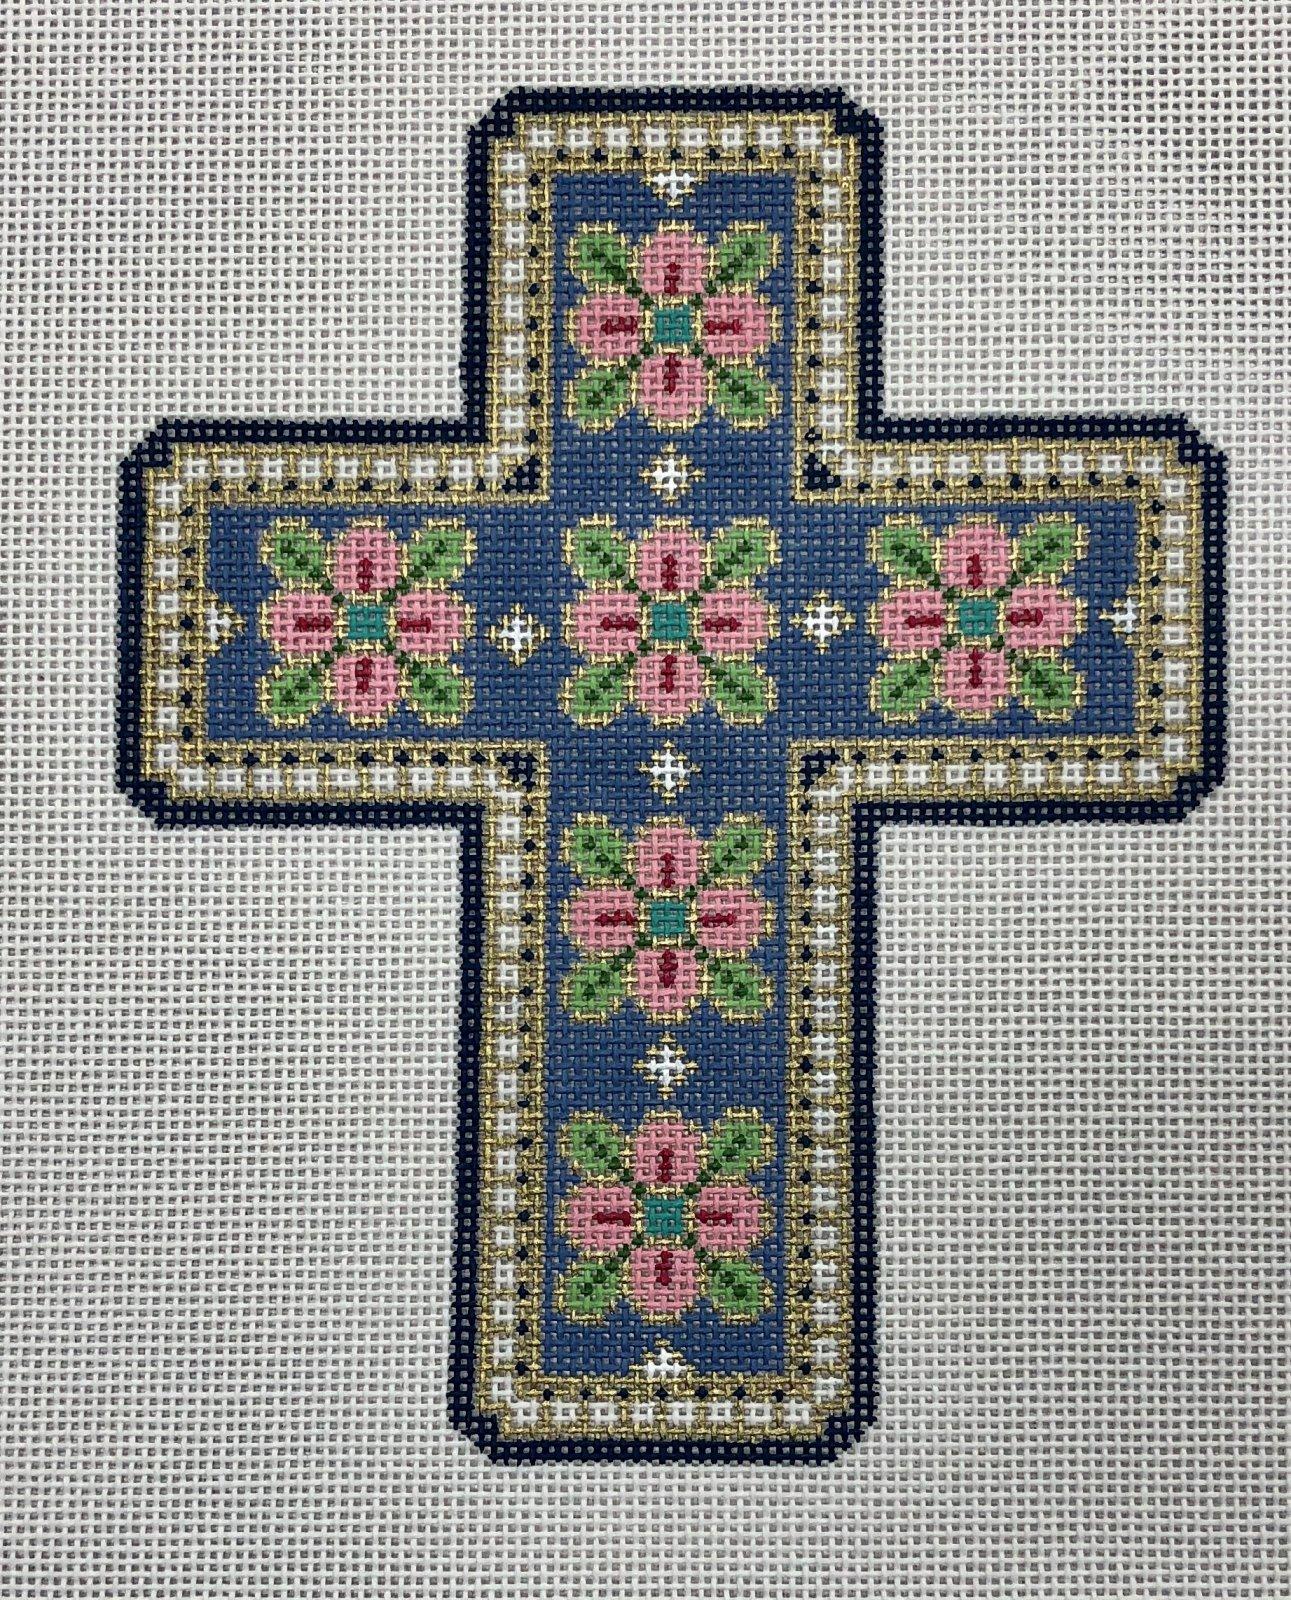 blue, pink, green cross